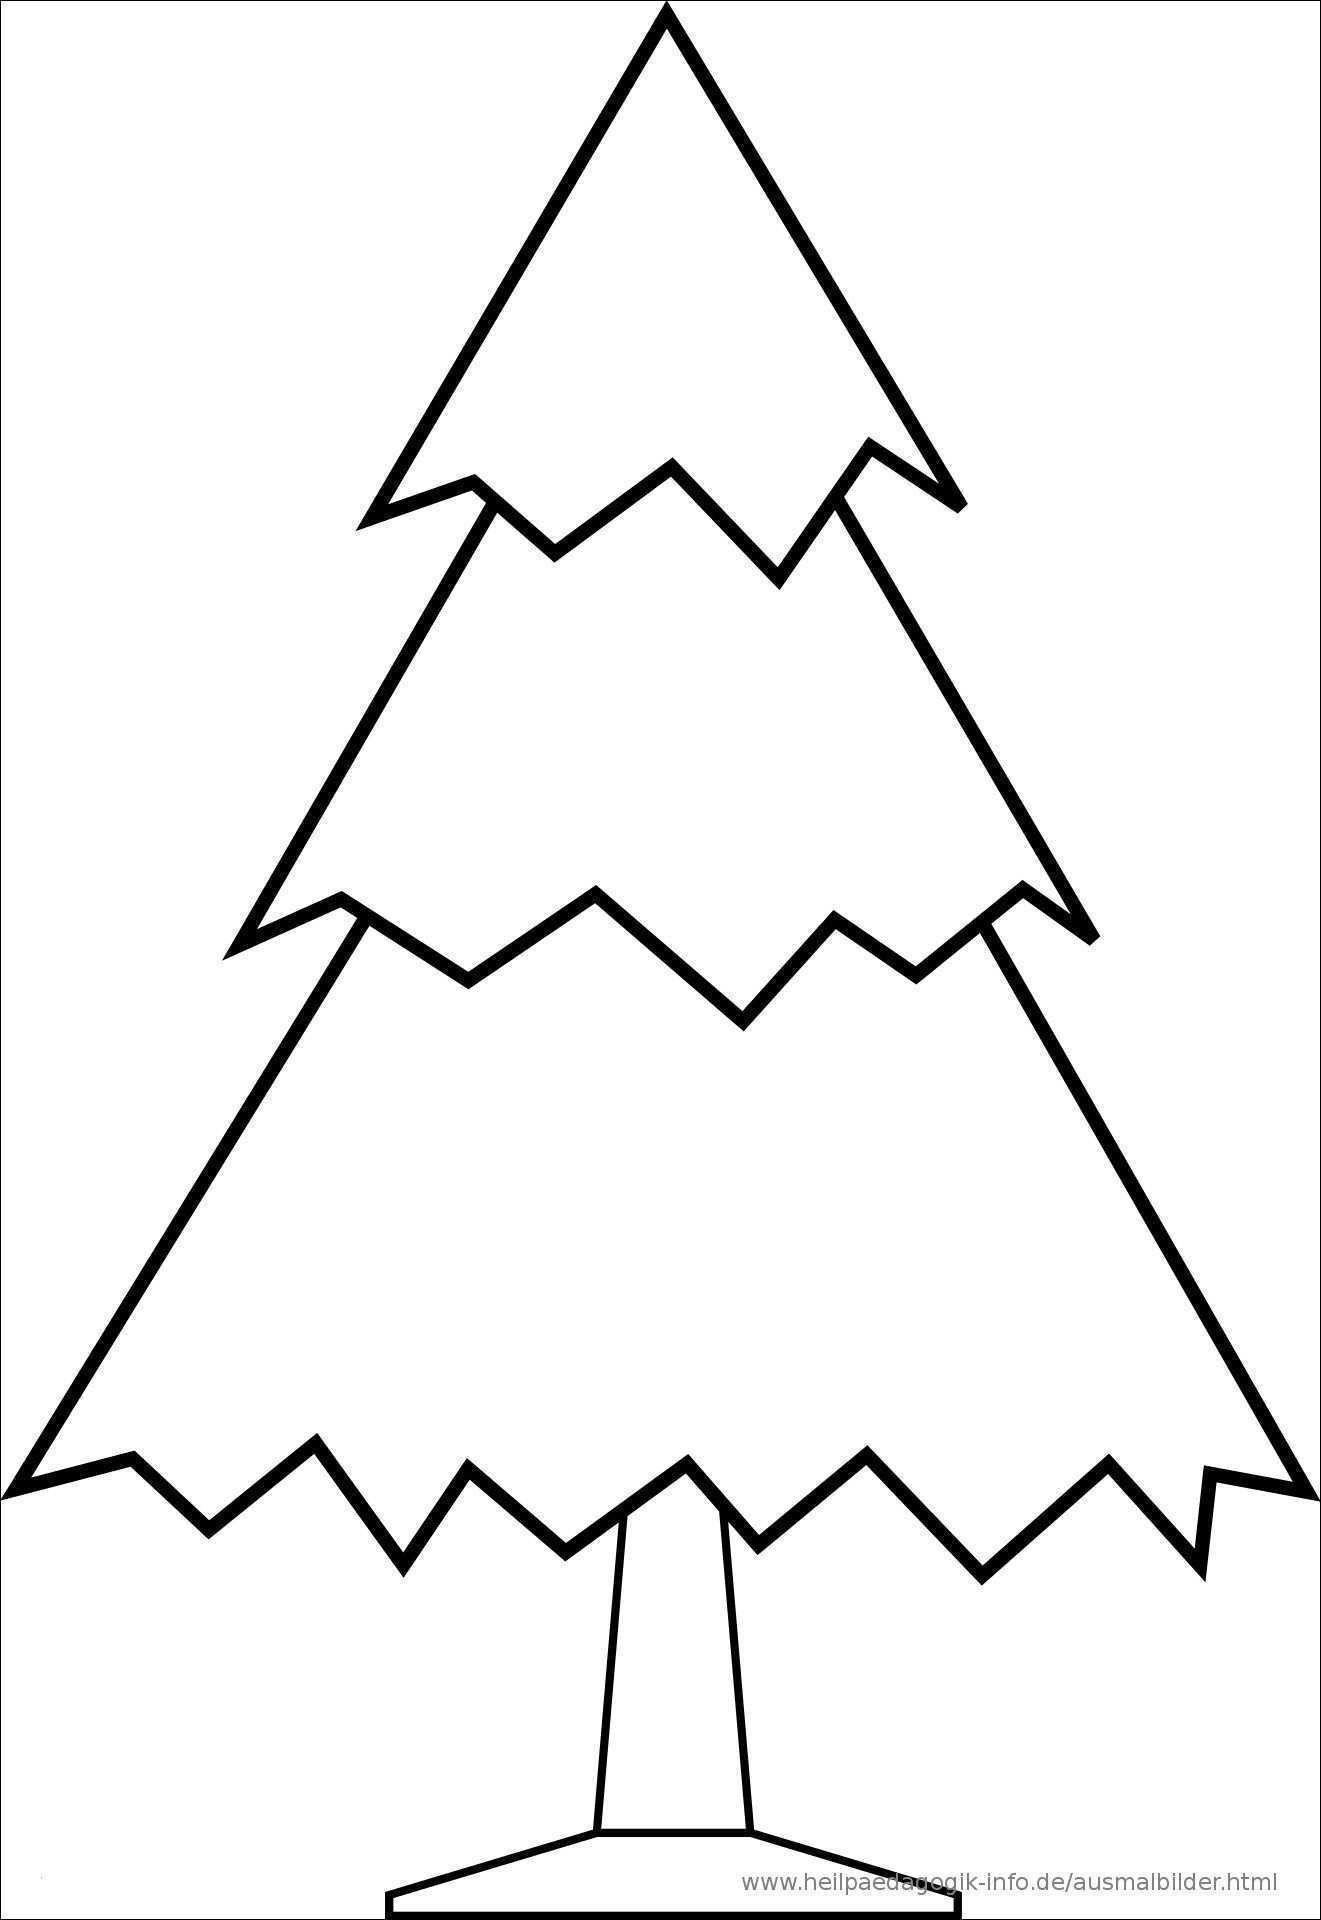 Window Color Vorlagen Zum Ausdrucken Kostenlos Frisch Weihnachtsbaum Vorlage Tannenbaum Vorlage Kostenlose Ausmalbilder